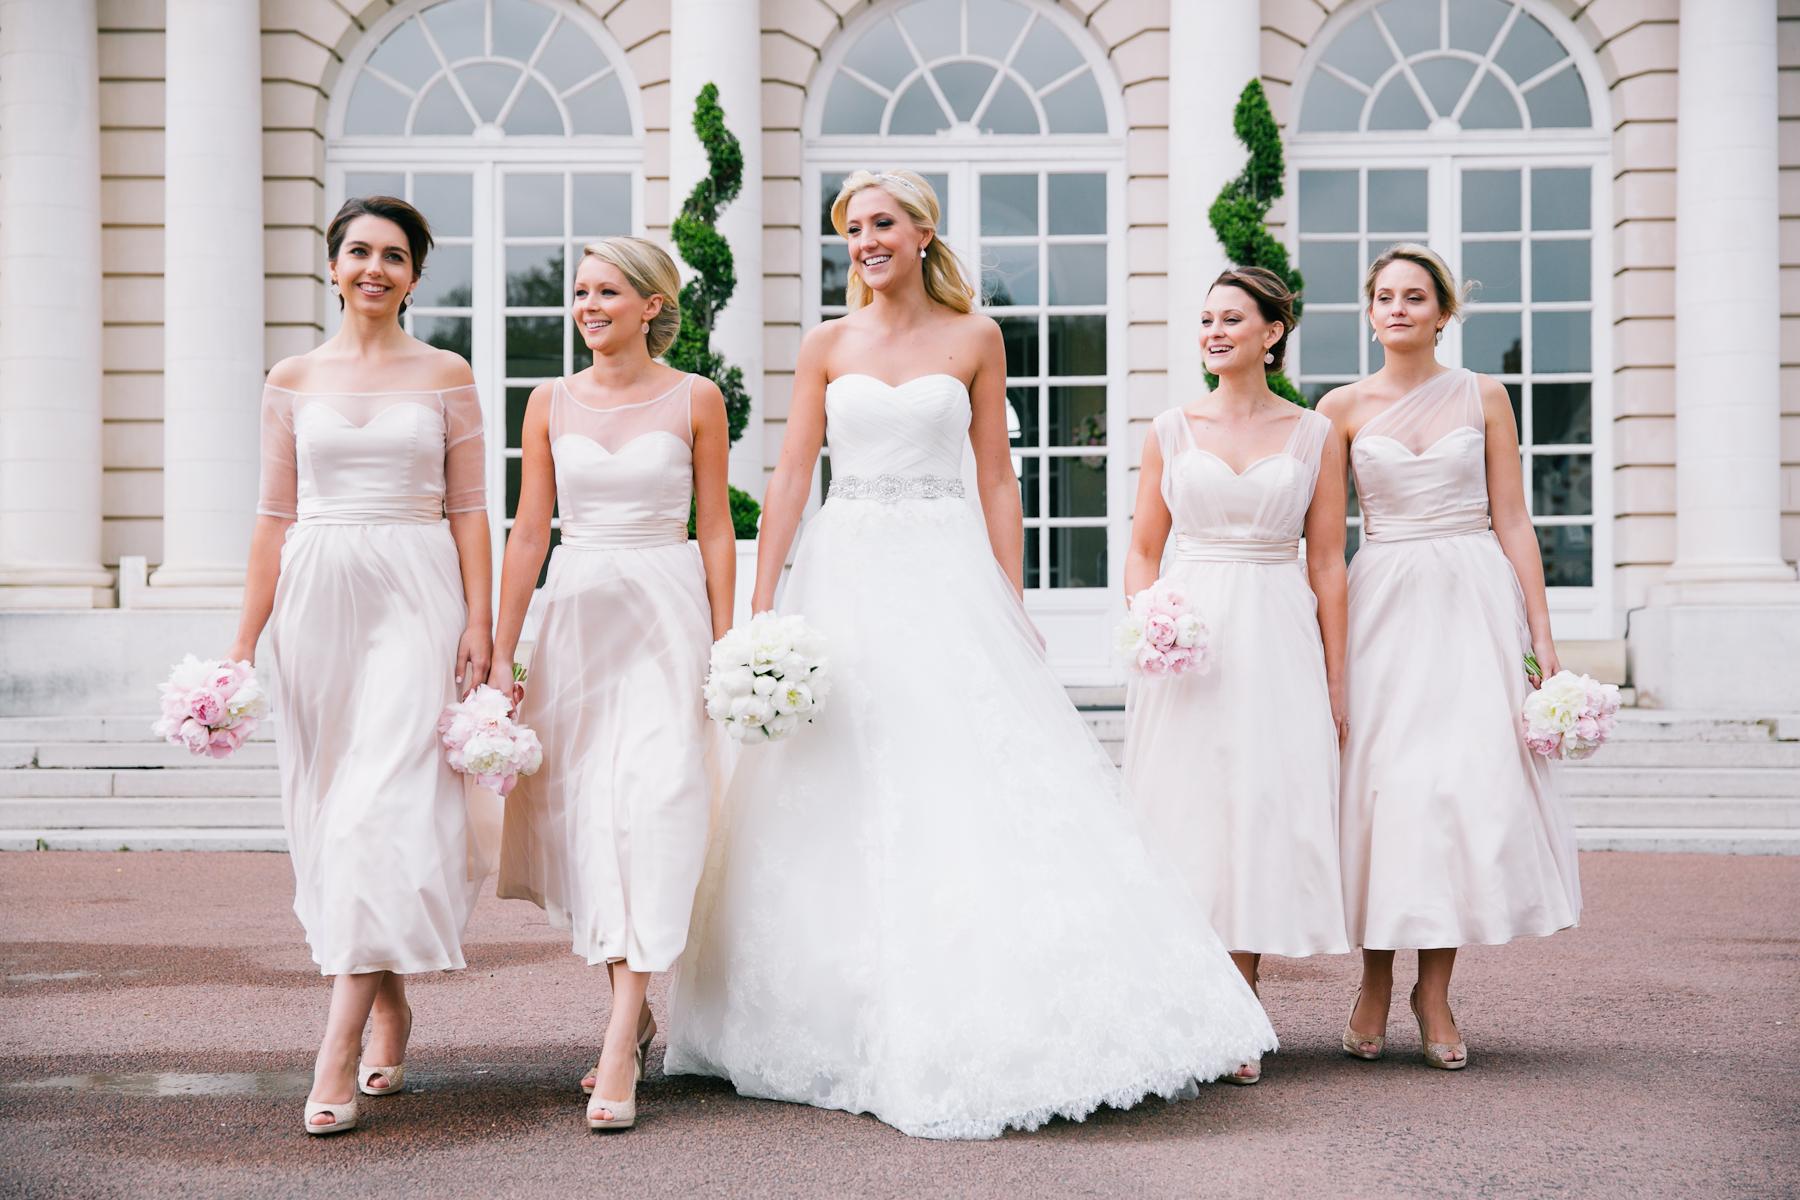 Tea Length Blush Bridesmaids Dresses - Elizabeth Anne Designs: The ...